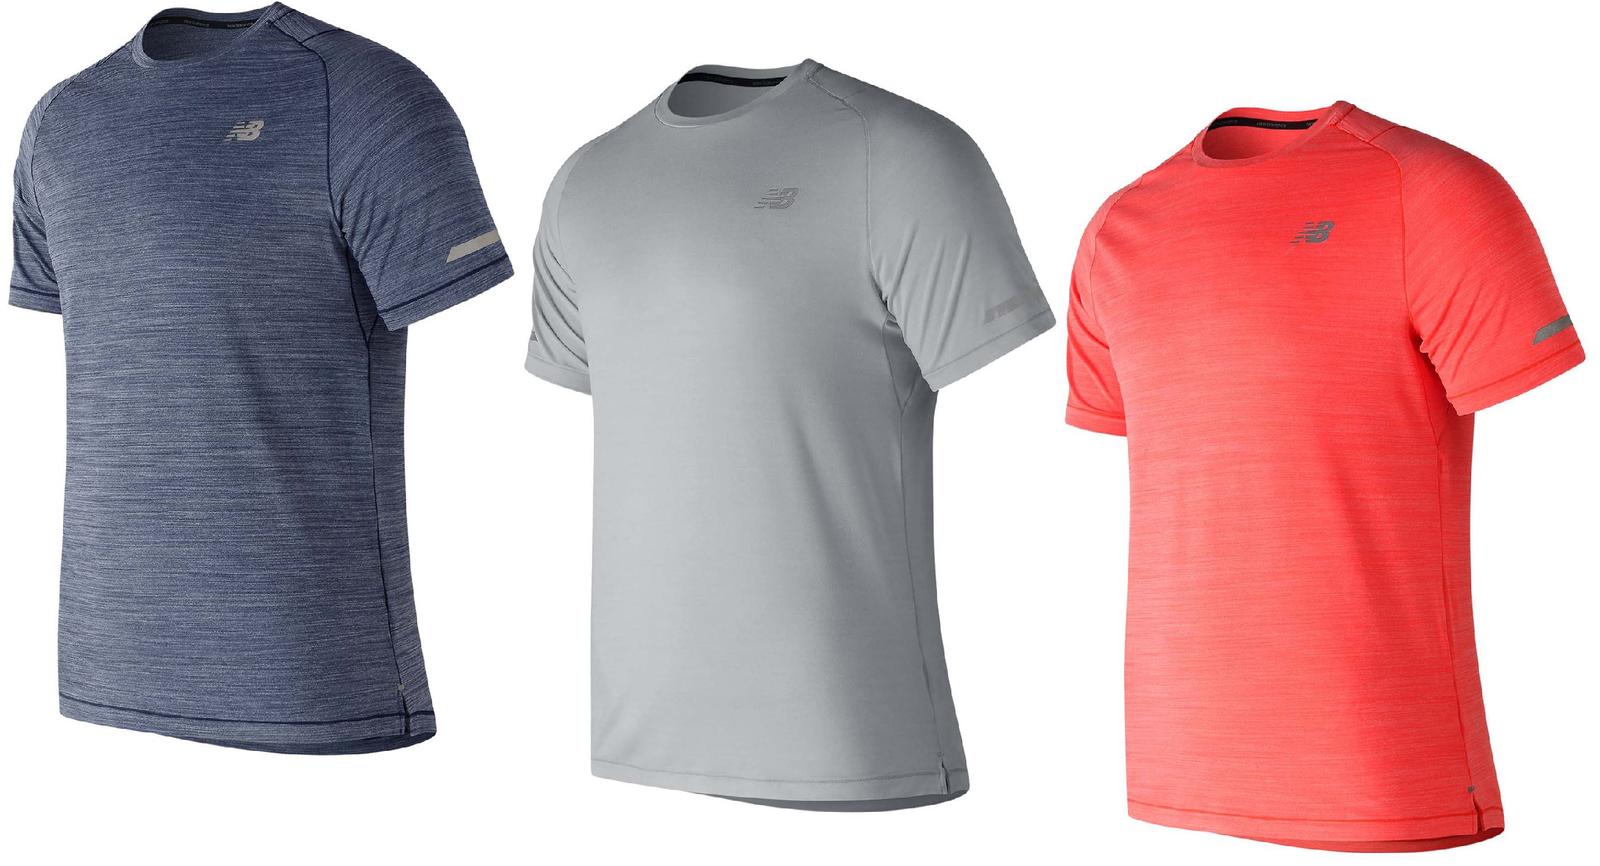 New Balance T-Shirt T shirt Tshirt Kurzarm Herren Top Fitness Freizeit 1351